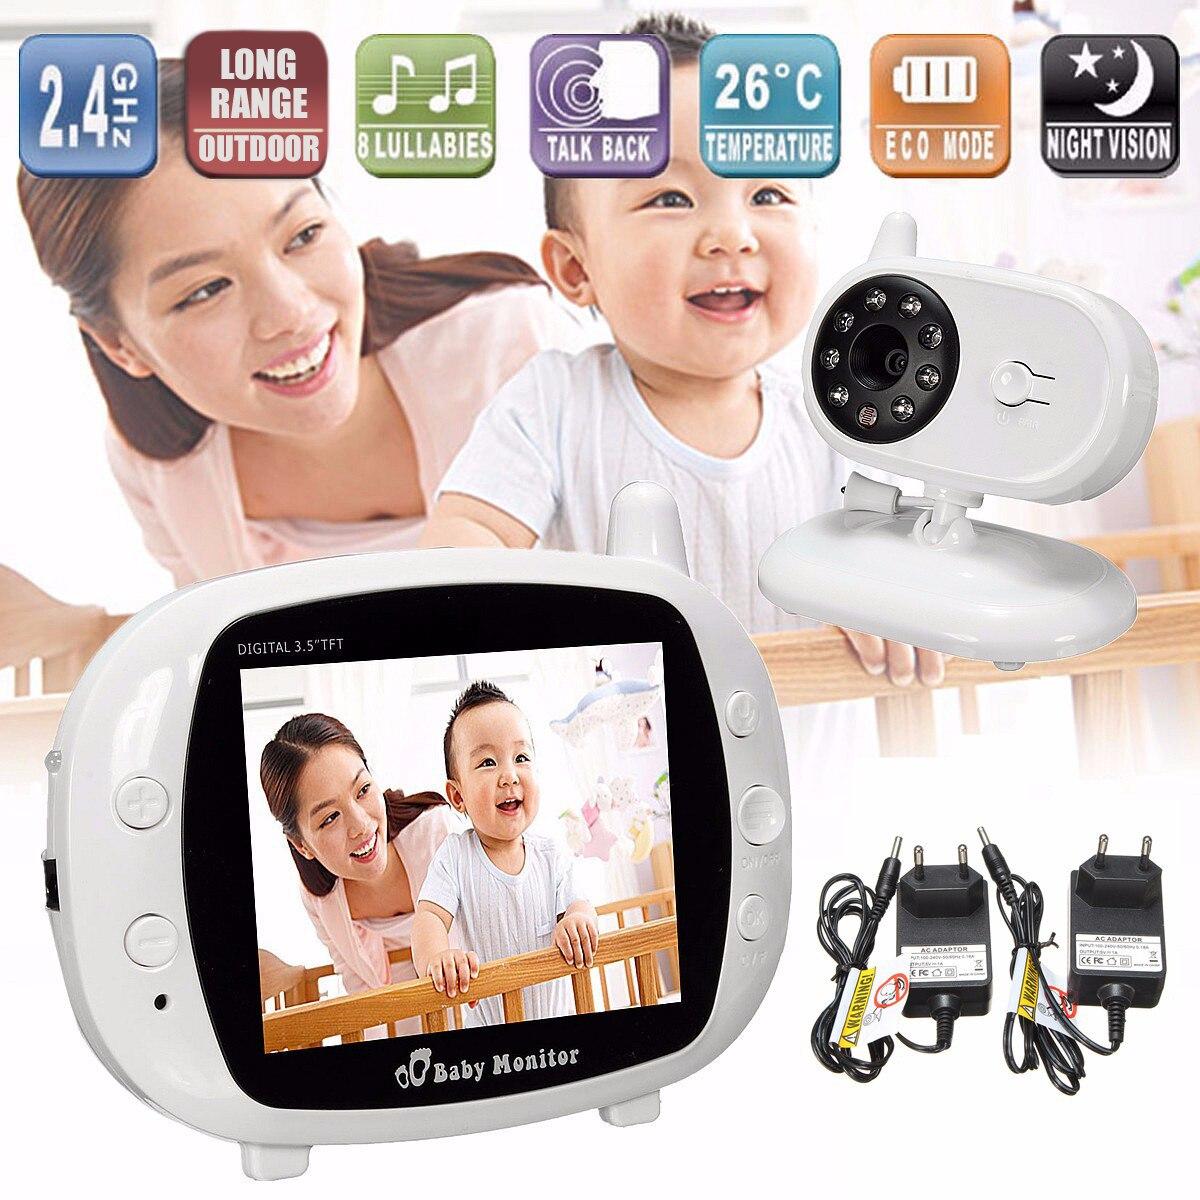 2.4g Digital Sem Fio 3.5 LCD Monitor Do Bebê Da Câmera 2 Way Conversa Áudio Night Vision Vídeo Babá WI-FI Em Casa temperatura de segurança